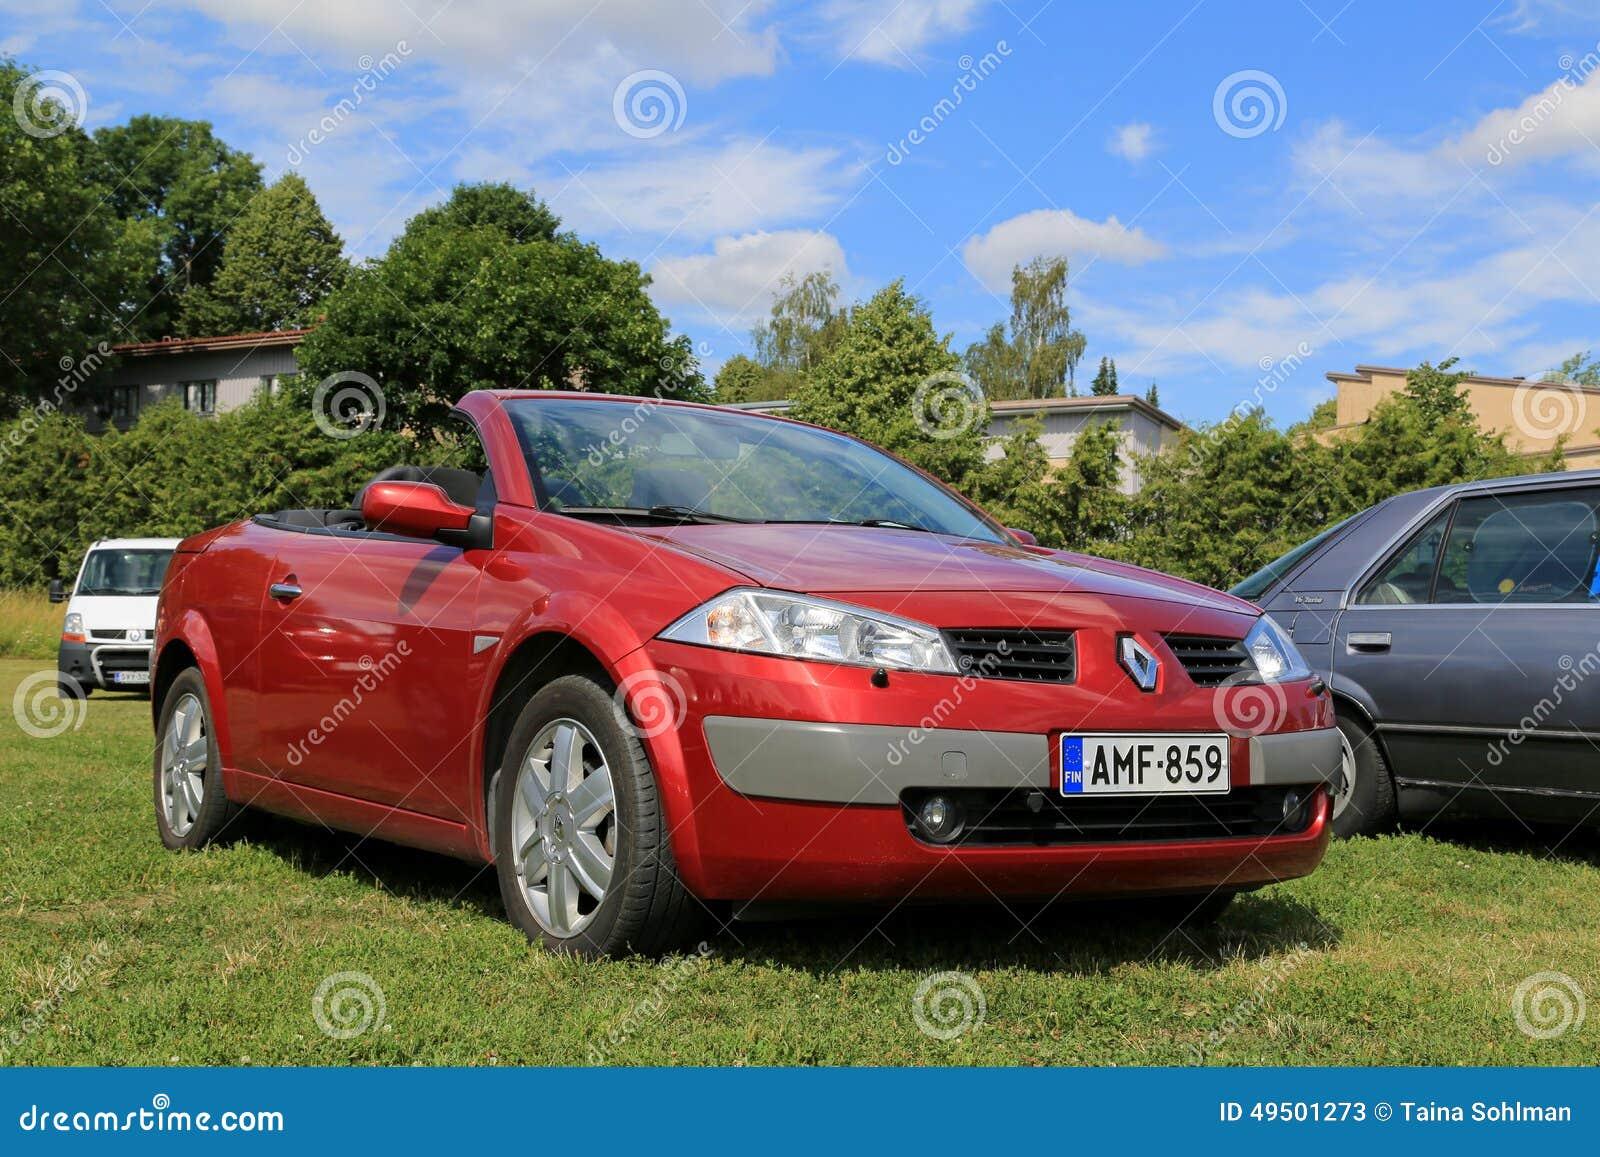 Renault Megane Cabriolet Car Vermelho No Verao Foto De Stock Editorial Imagem De Renault Verao 49501273